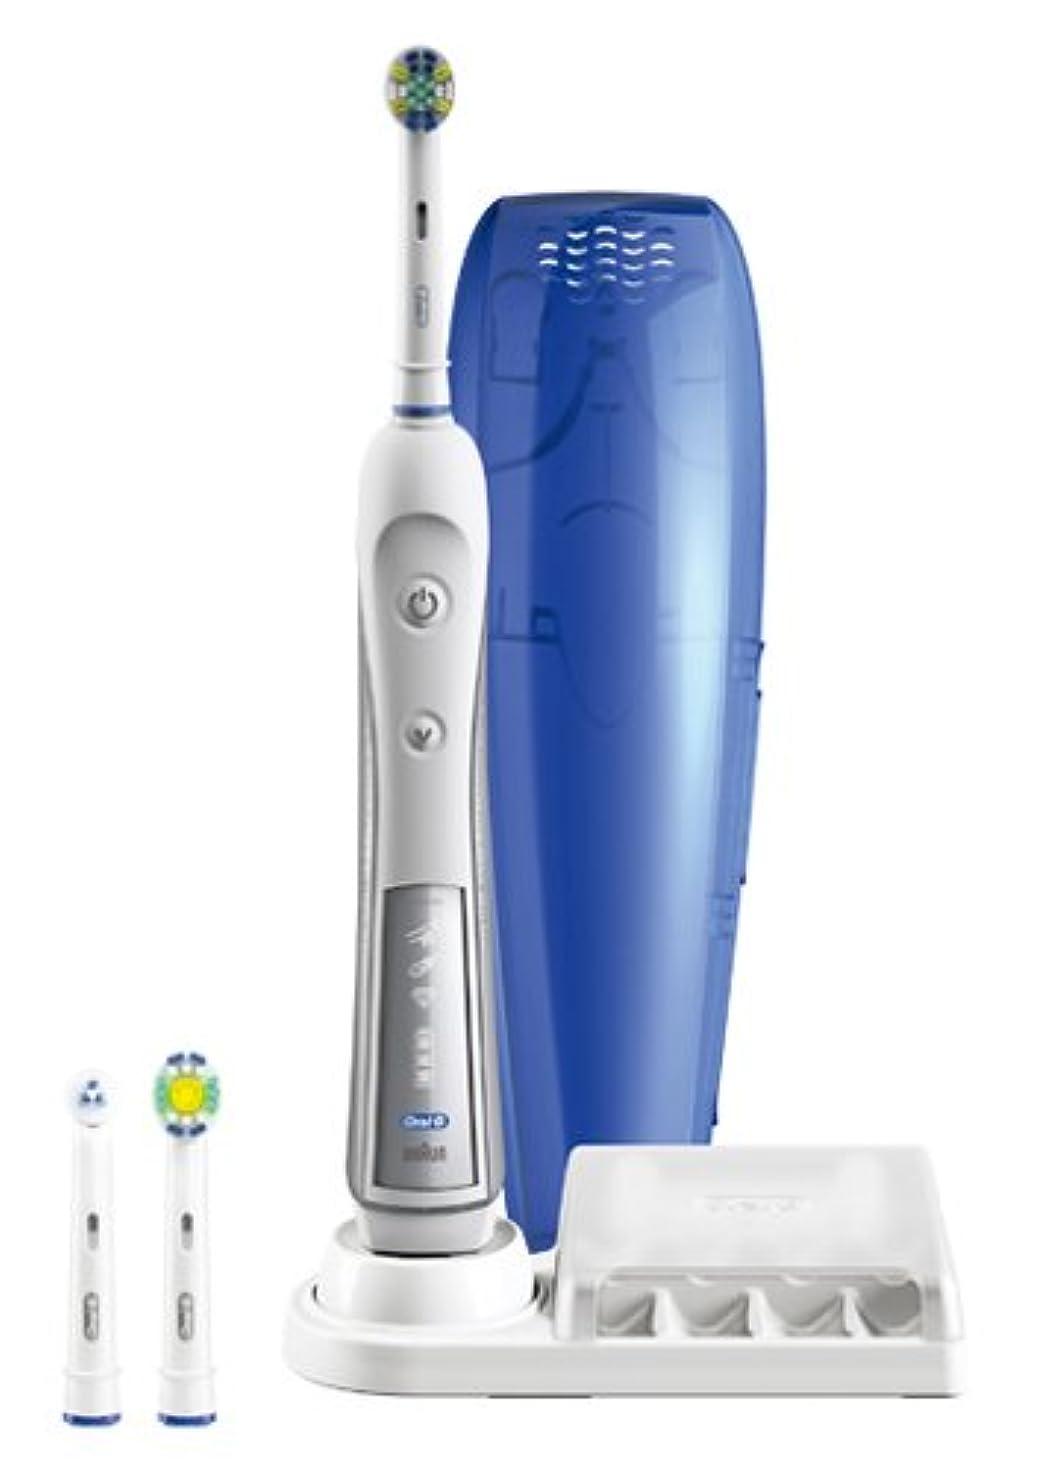 倍増唯一スーダンブラウン オーラルB 電動歯ブラシ デンタプライド4000 D295354X